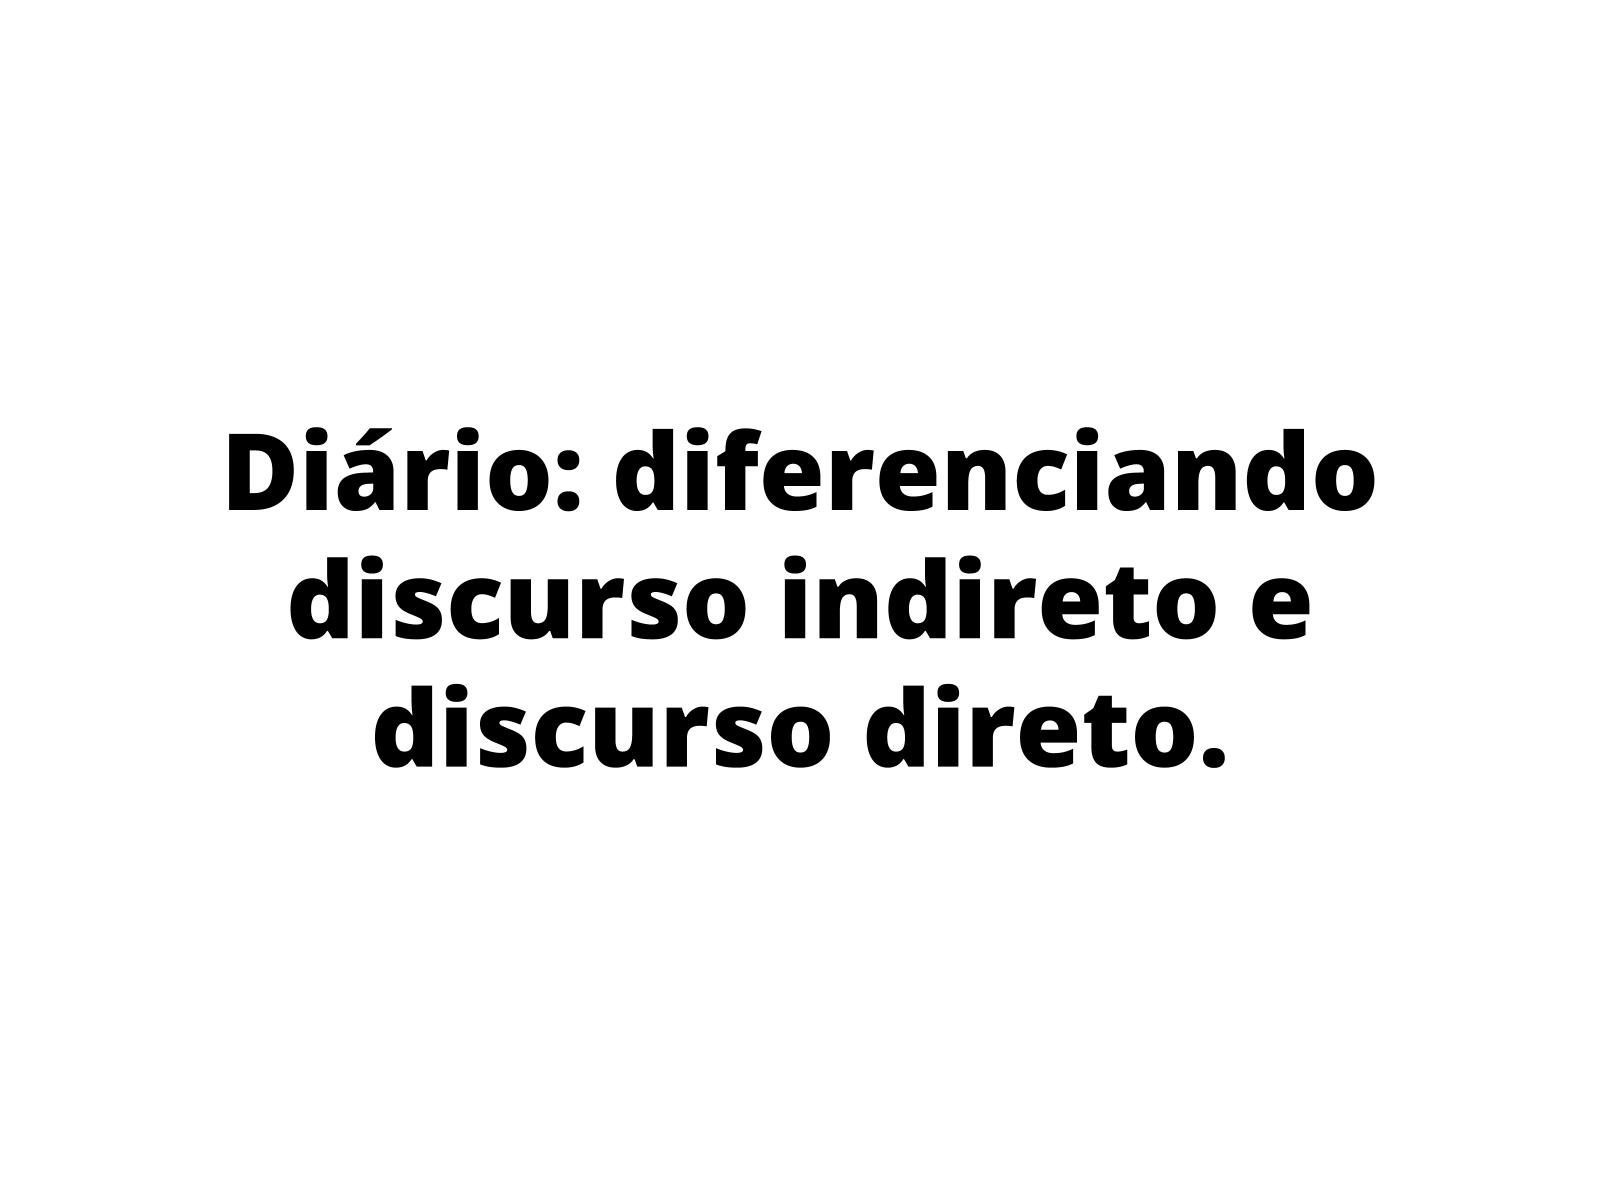 Diário: diferenciação do  discurso direto e indireto